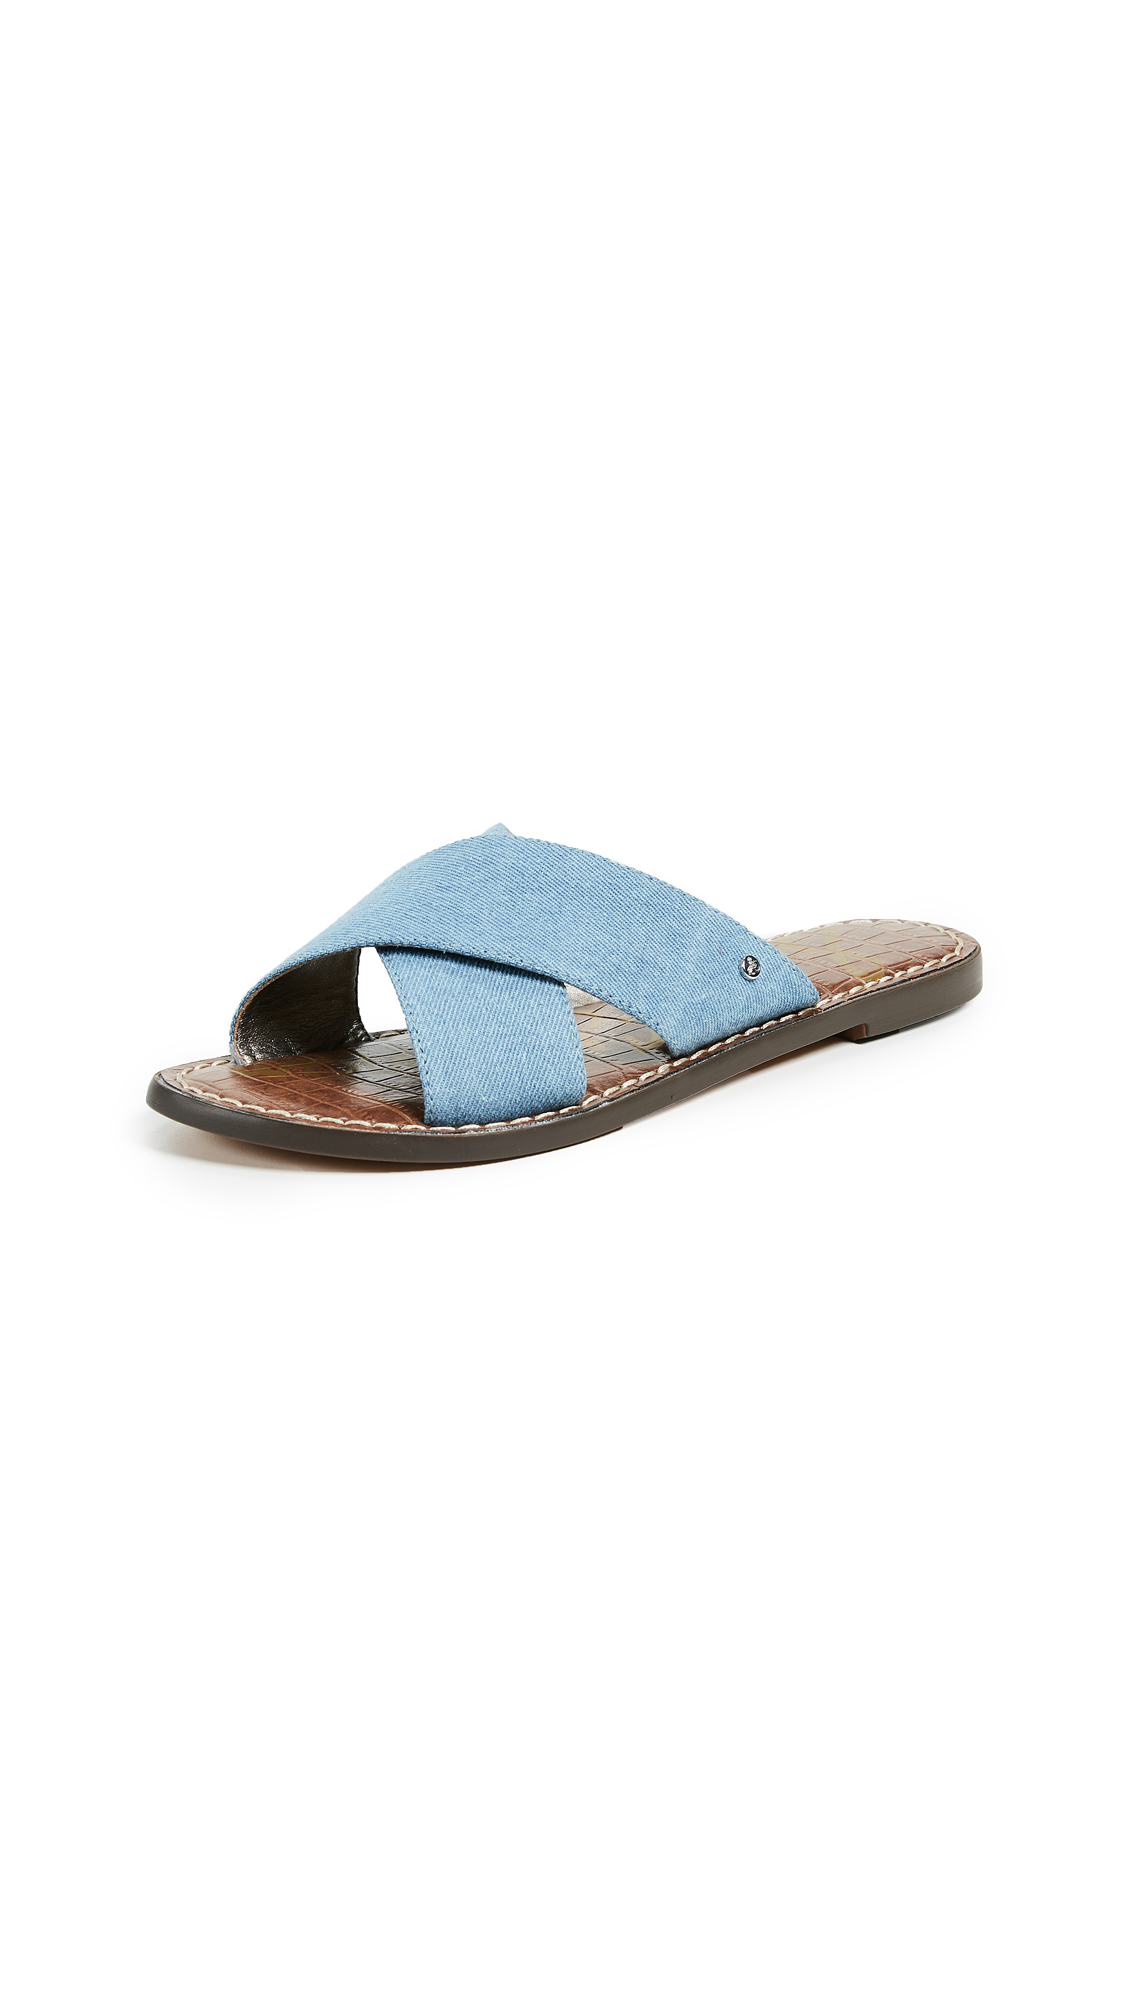 Sam Edelman Gertrude Crisscross Slides - Mid Blue